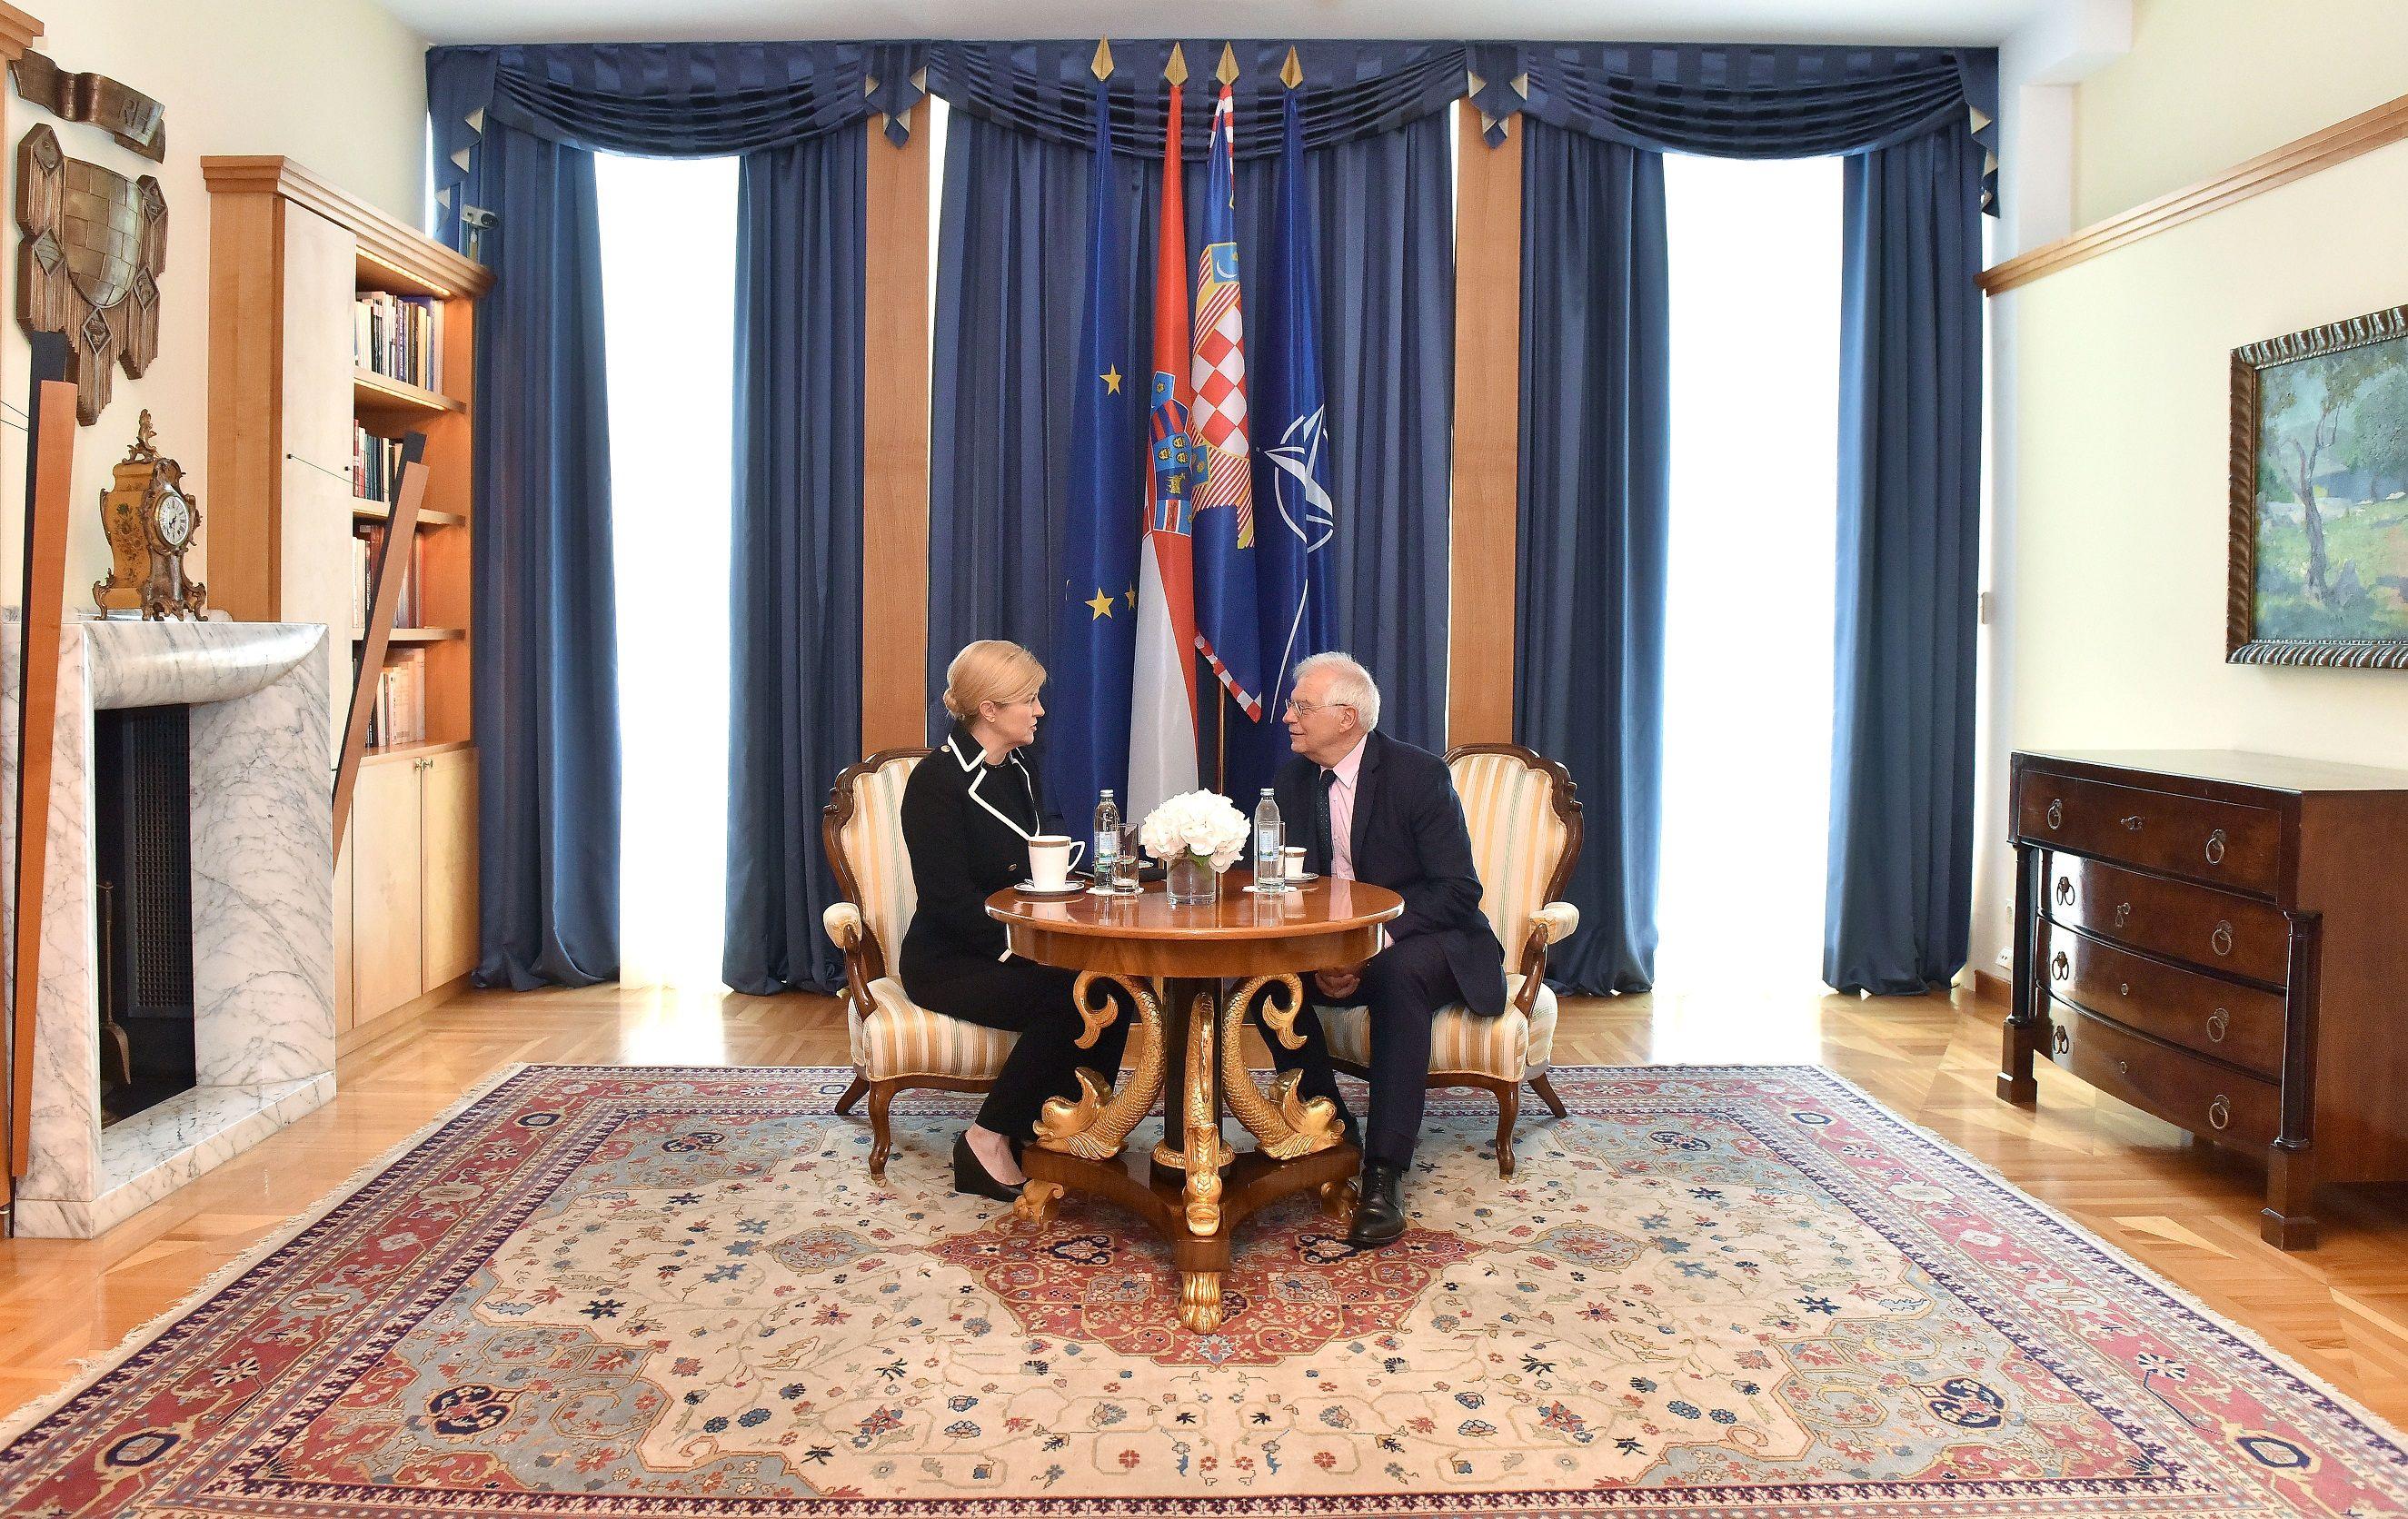 Predsjednica Grabar-Kitarović i španjolski ministar vanjskih poslova Borrell: Hrvatska i Španjolska dijele slične interese